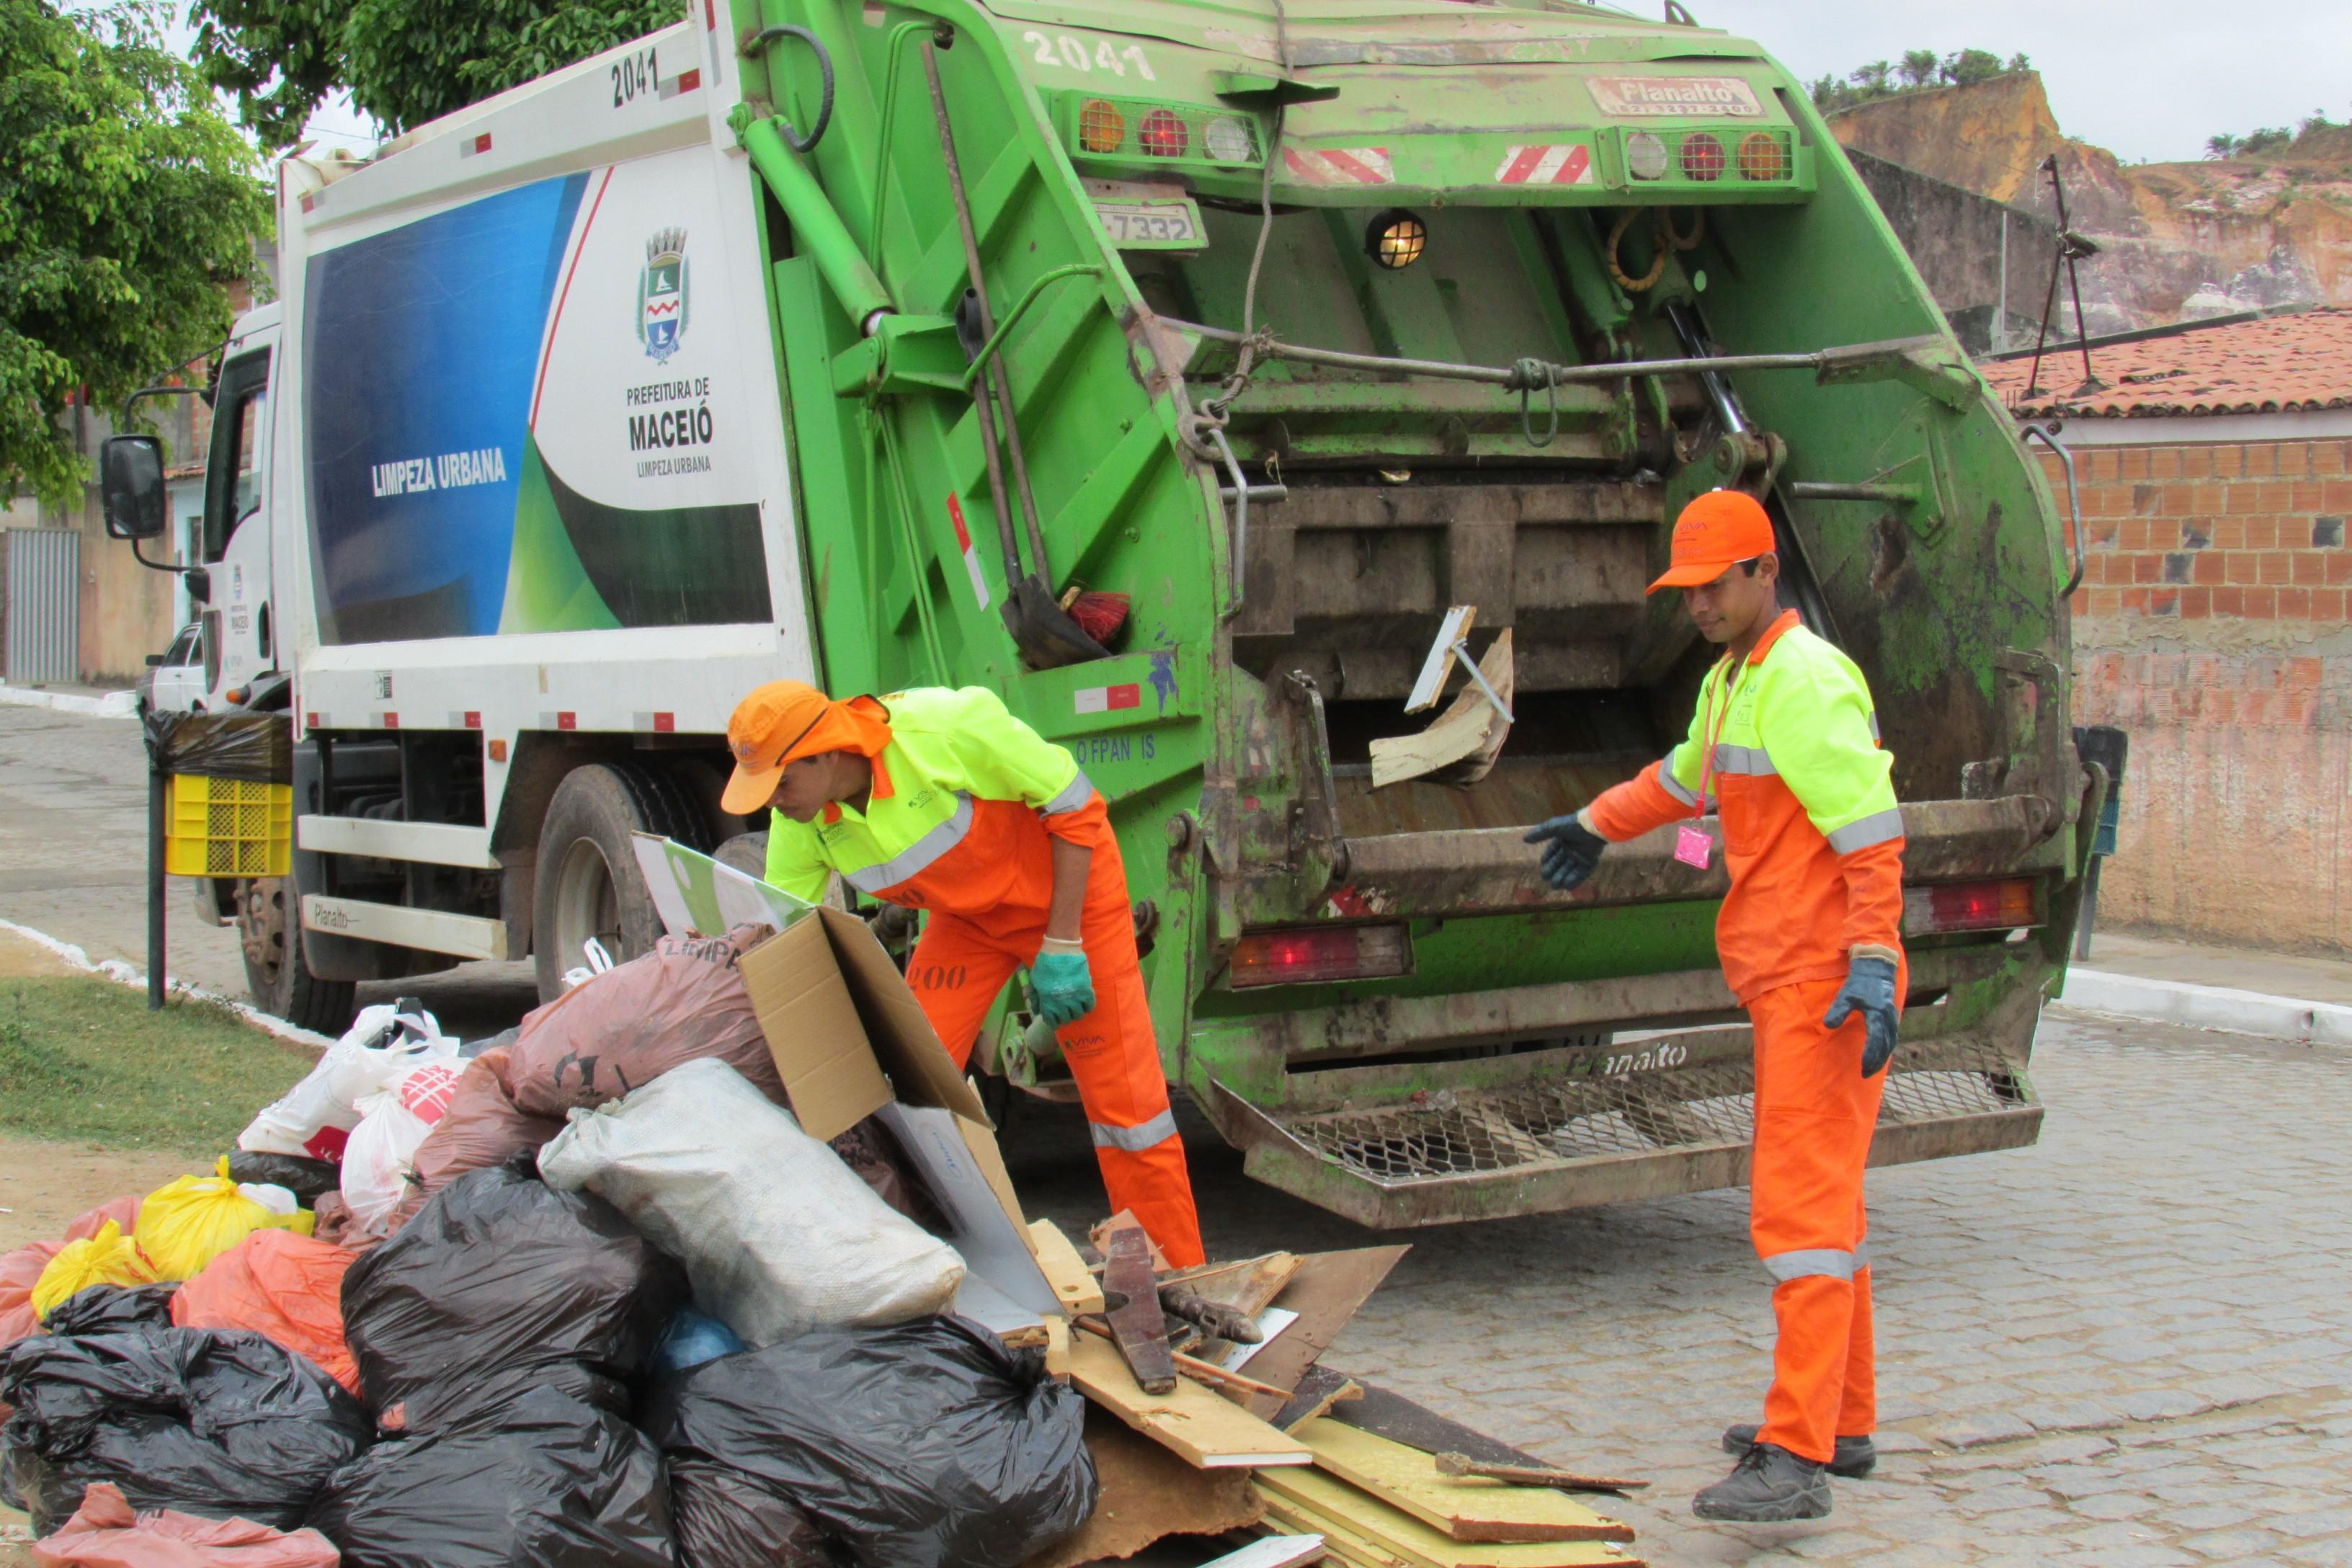 Prefeitura de Maceió reduz limpeza urbana em 30% a partir desta quinta